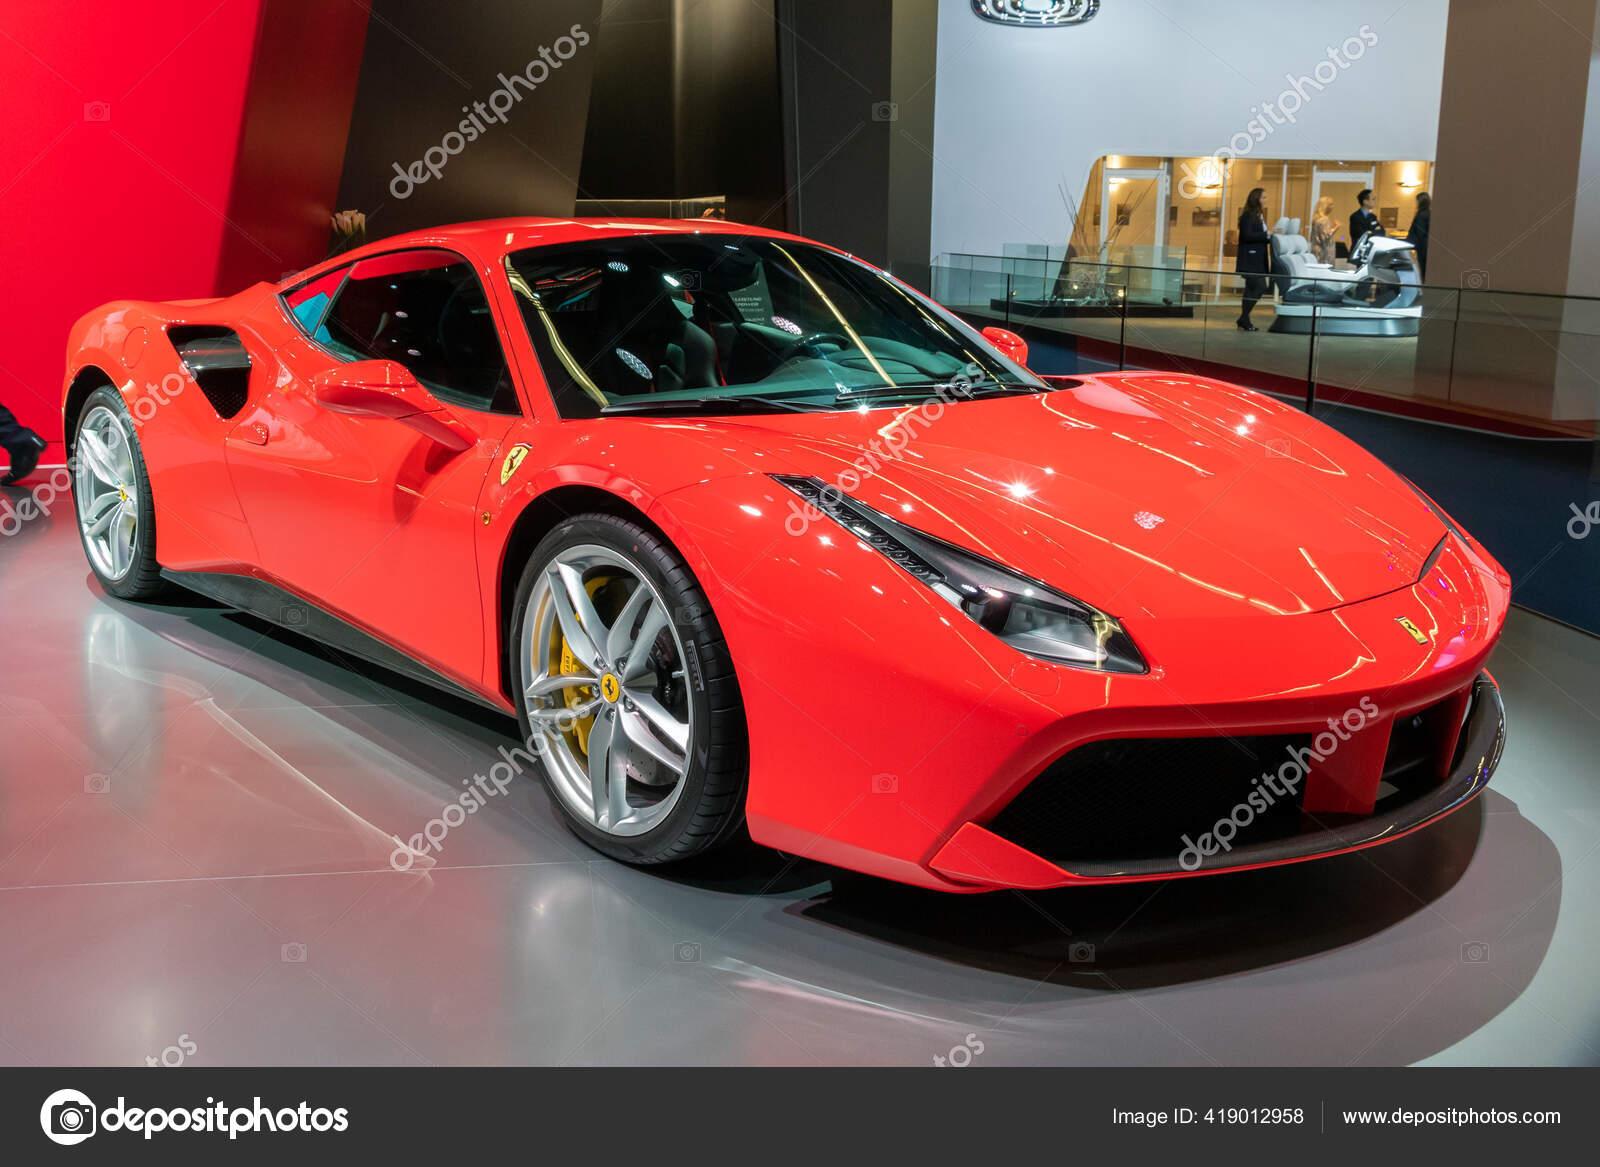 Frankfurt Deutschland September 2017 Sportwagen Ferrari 488 Gtb Spider Auf Redaktionelles Stockfoto Foto Vdw 419012958